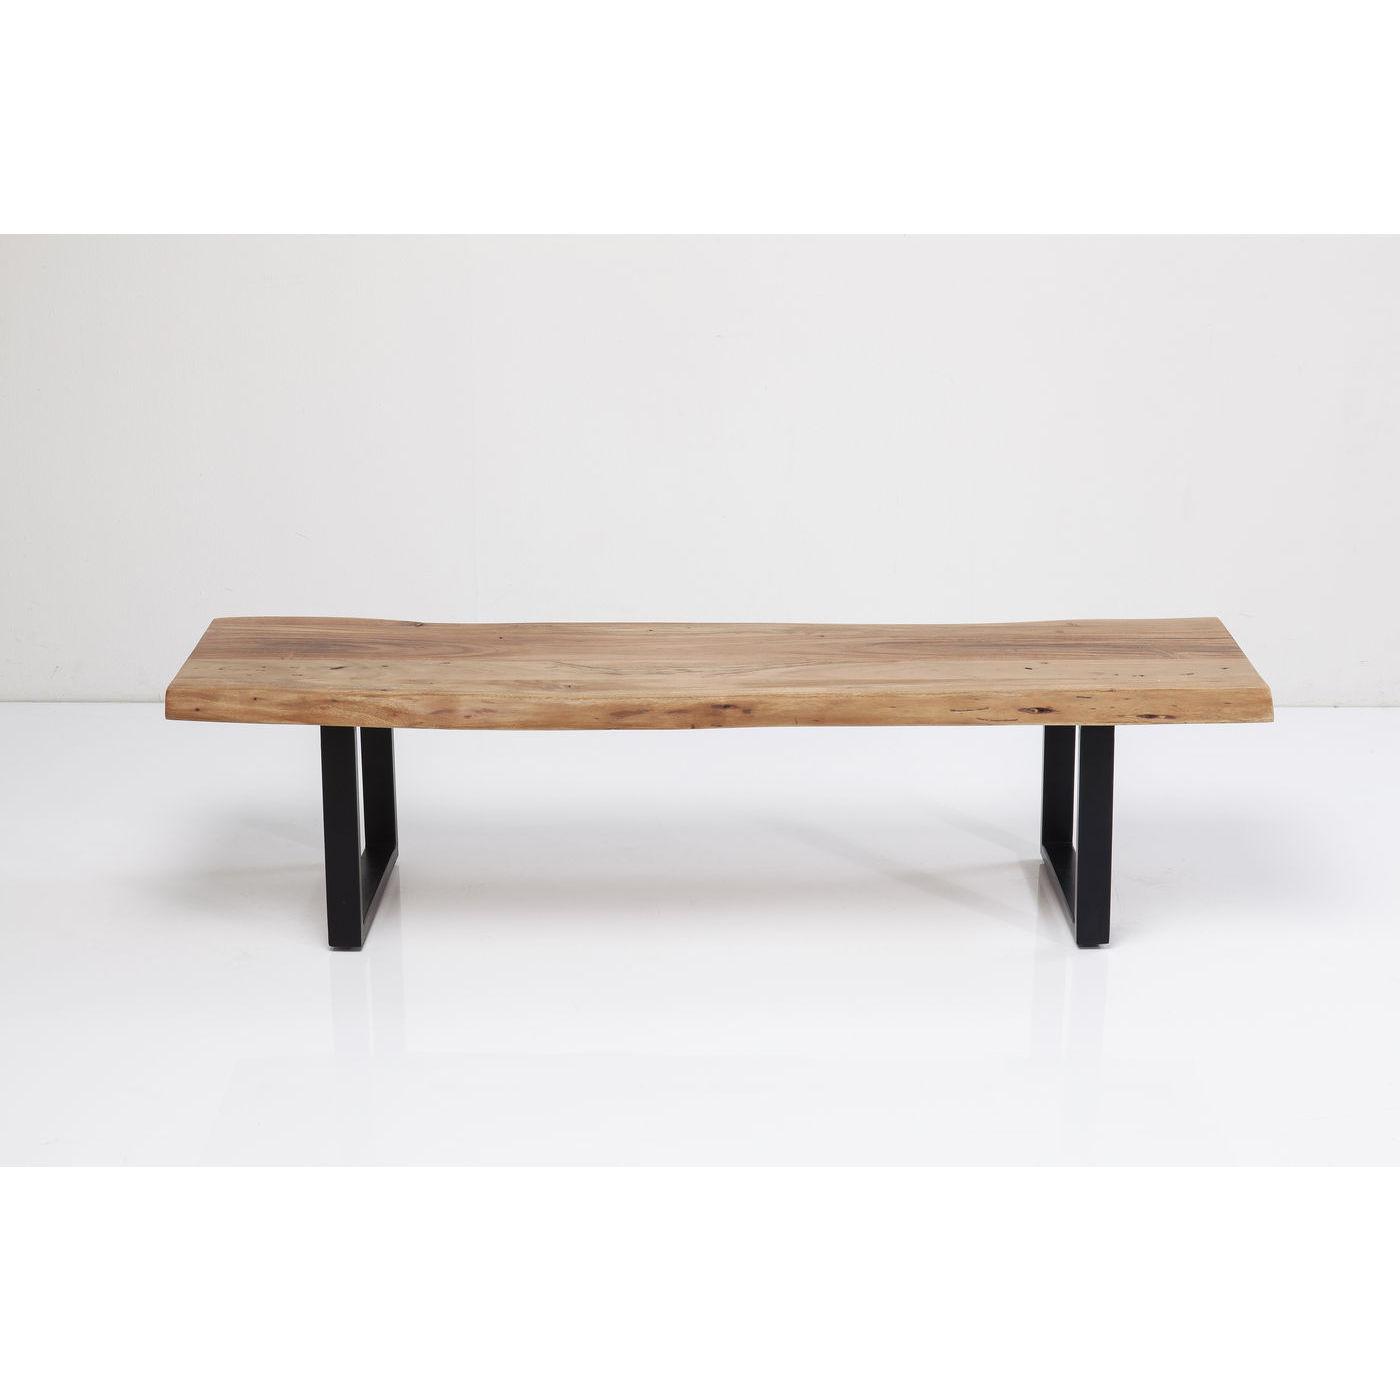 Kare design black nature bænk - natur akacietræ/sort stål, unik (160x45) fra kare design fra boboonline.dk